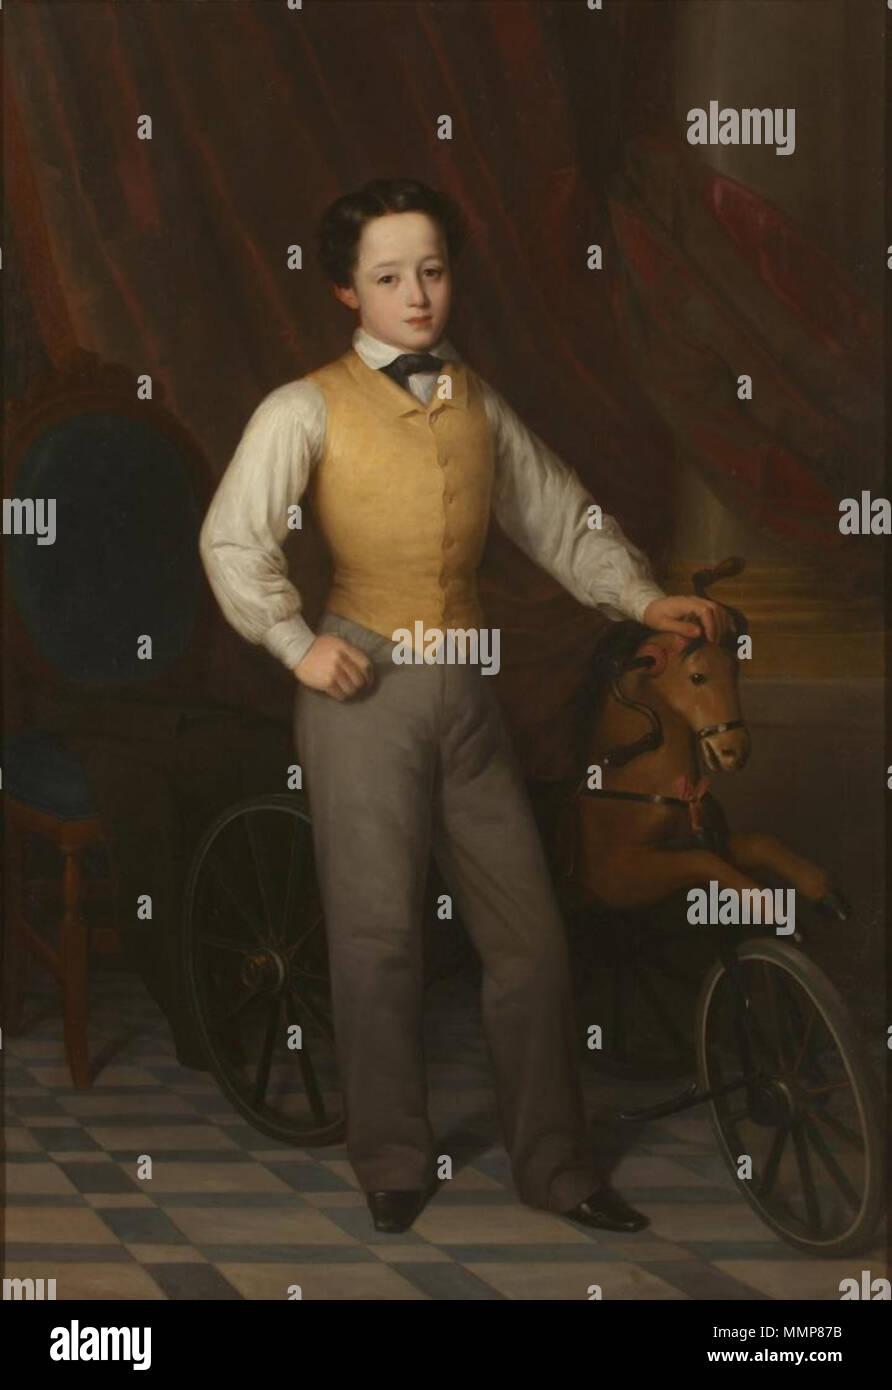 Alfredito Romea y Díez (Museo del Romanticismo de Madrid) Immagini Stock